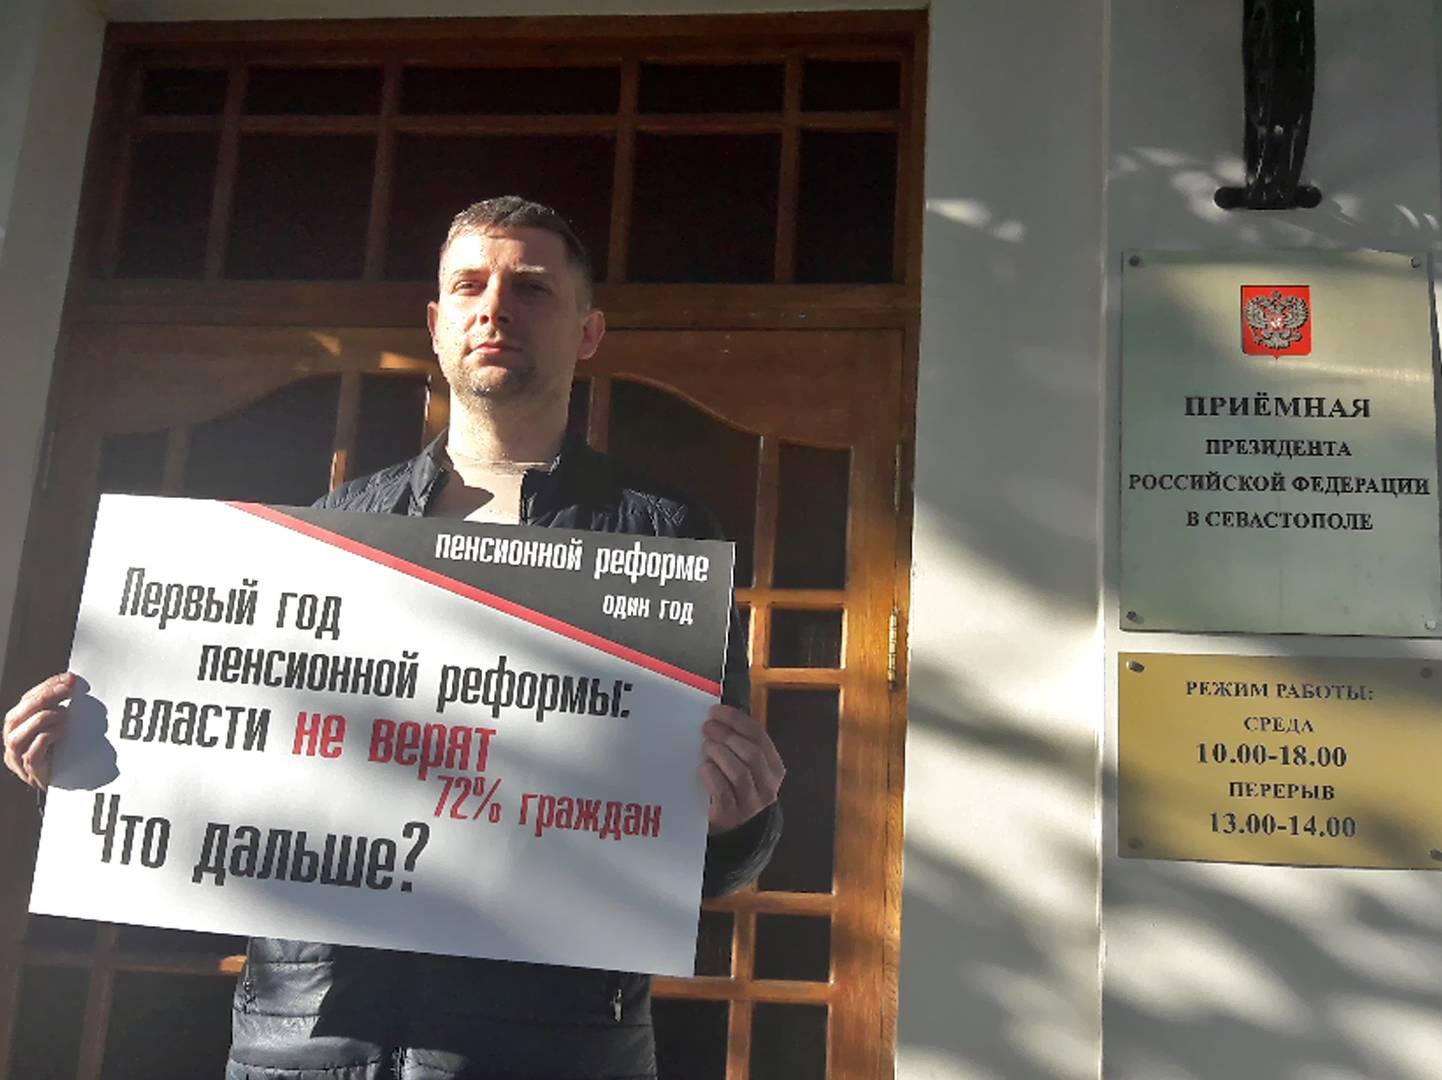 Пикет в «День людоеда» у приемной президента в г. Севастополе